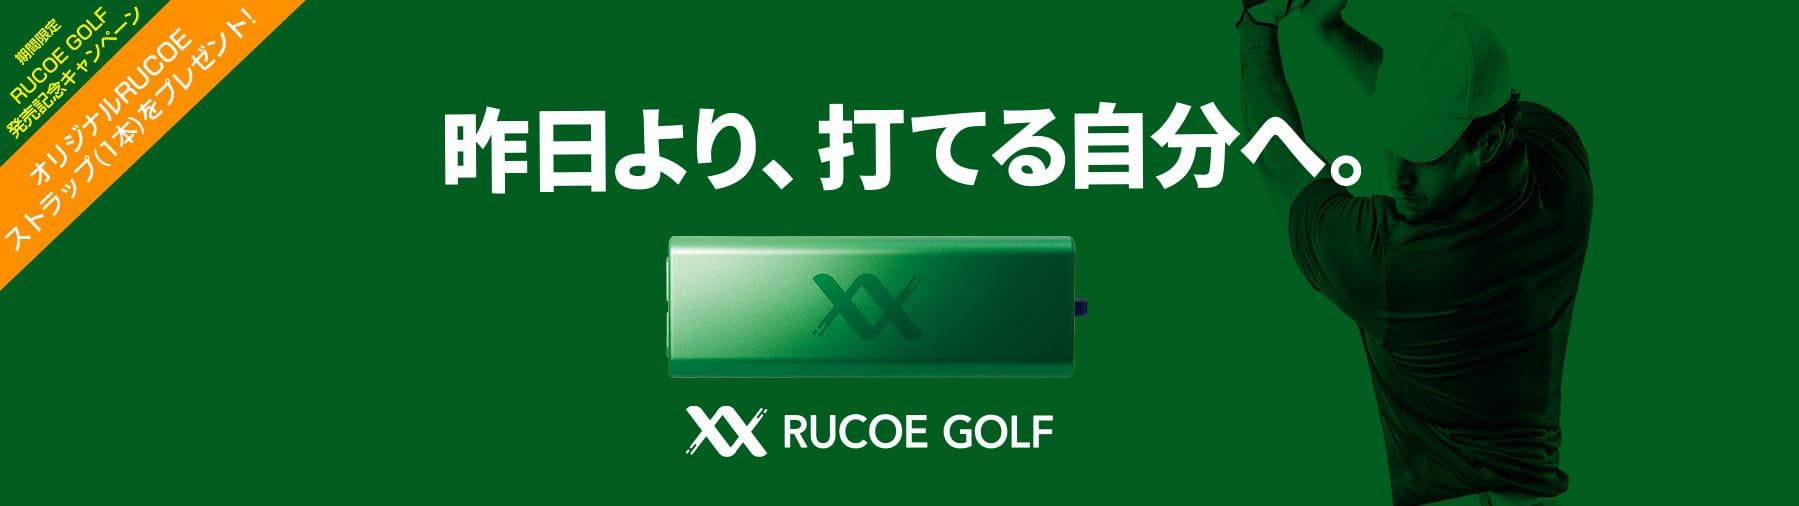 昨日より、打てる自分へ。「RUCOE GOLF」